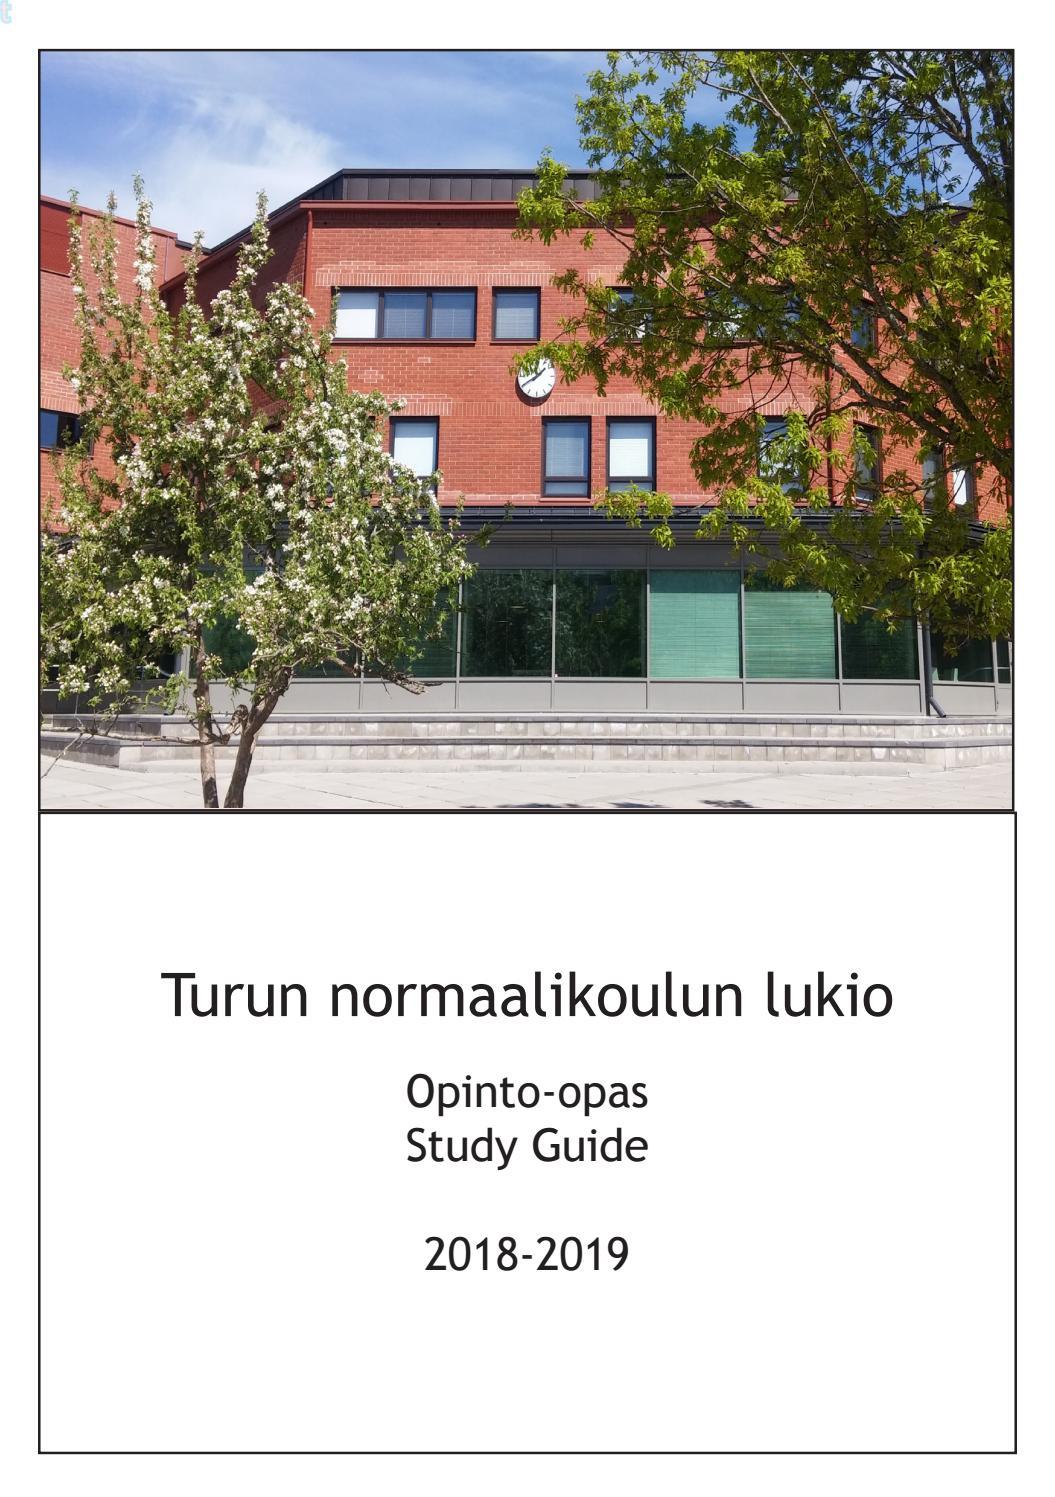 Turun Normaalikoulu Opettajat